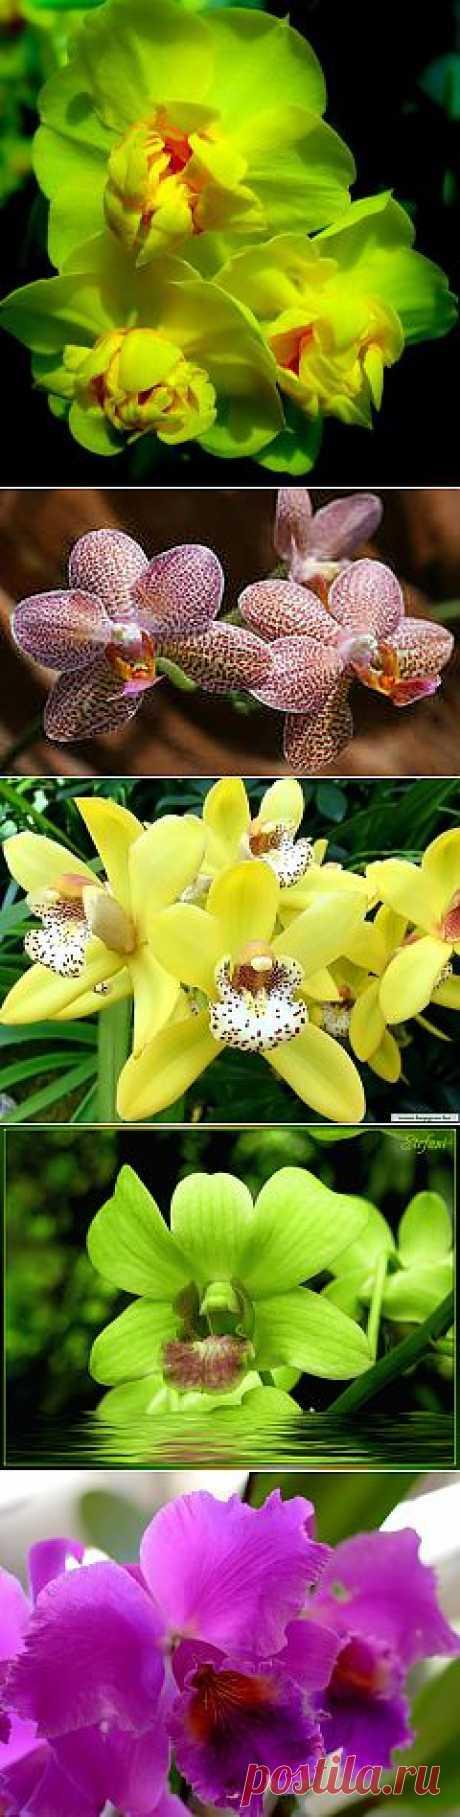 фото цветы орхидеи: